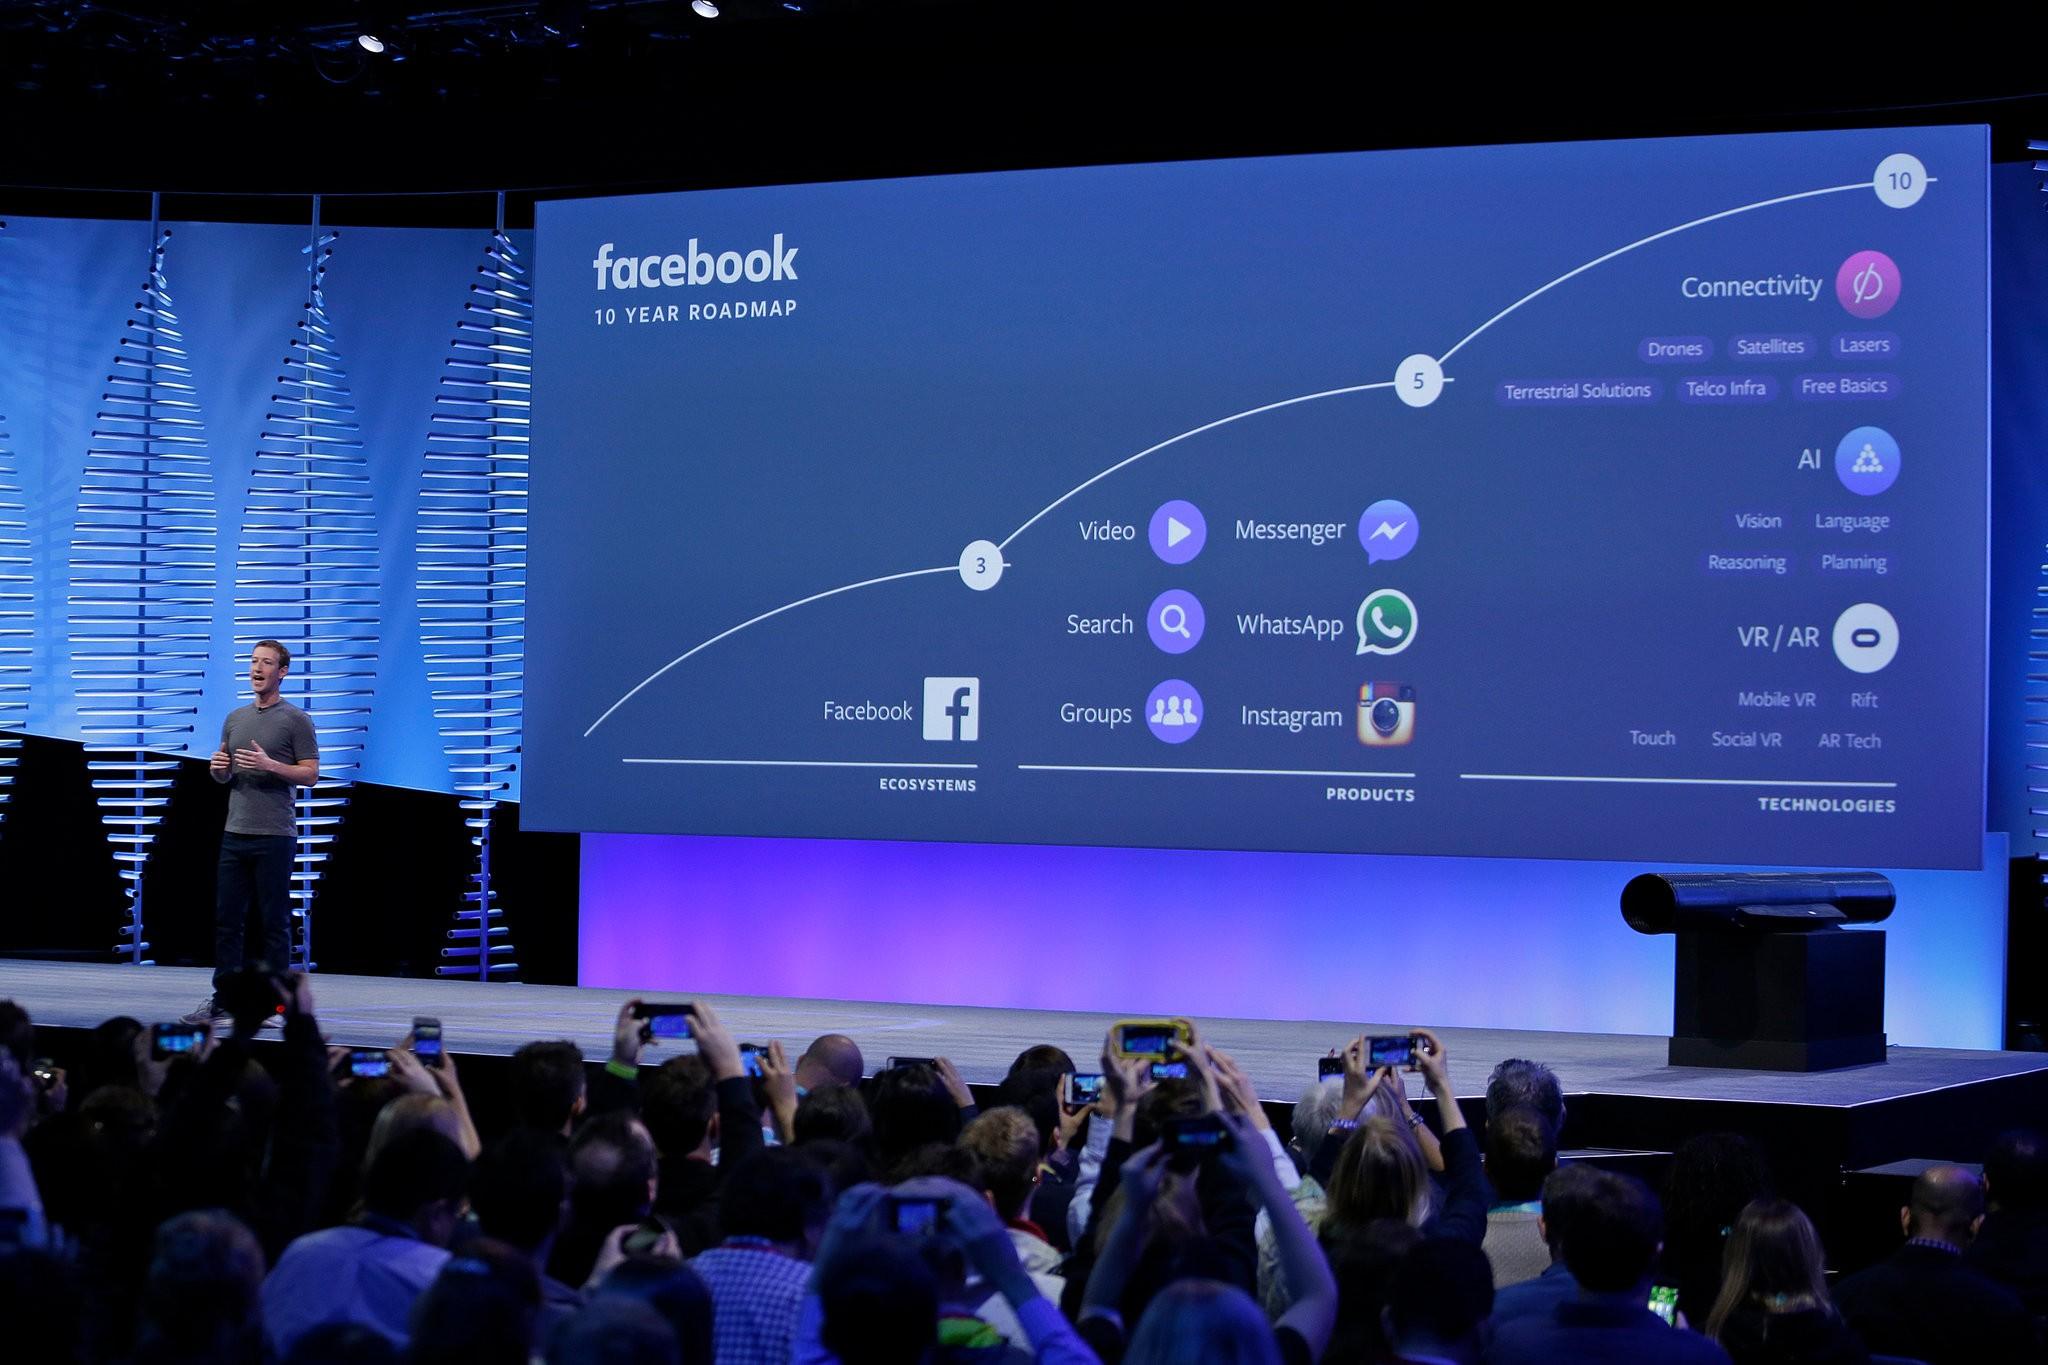 Quyền lực và sự giàu có của Facebook là do gần 2 tỷ người dùng mang lại. Ảnh: AP.